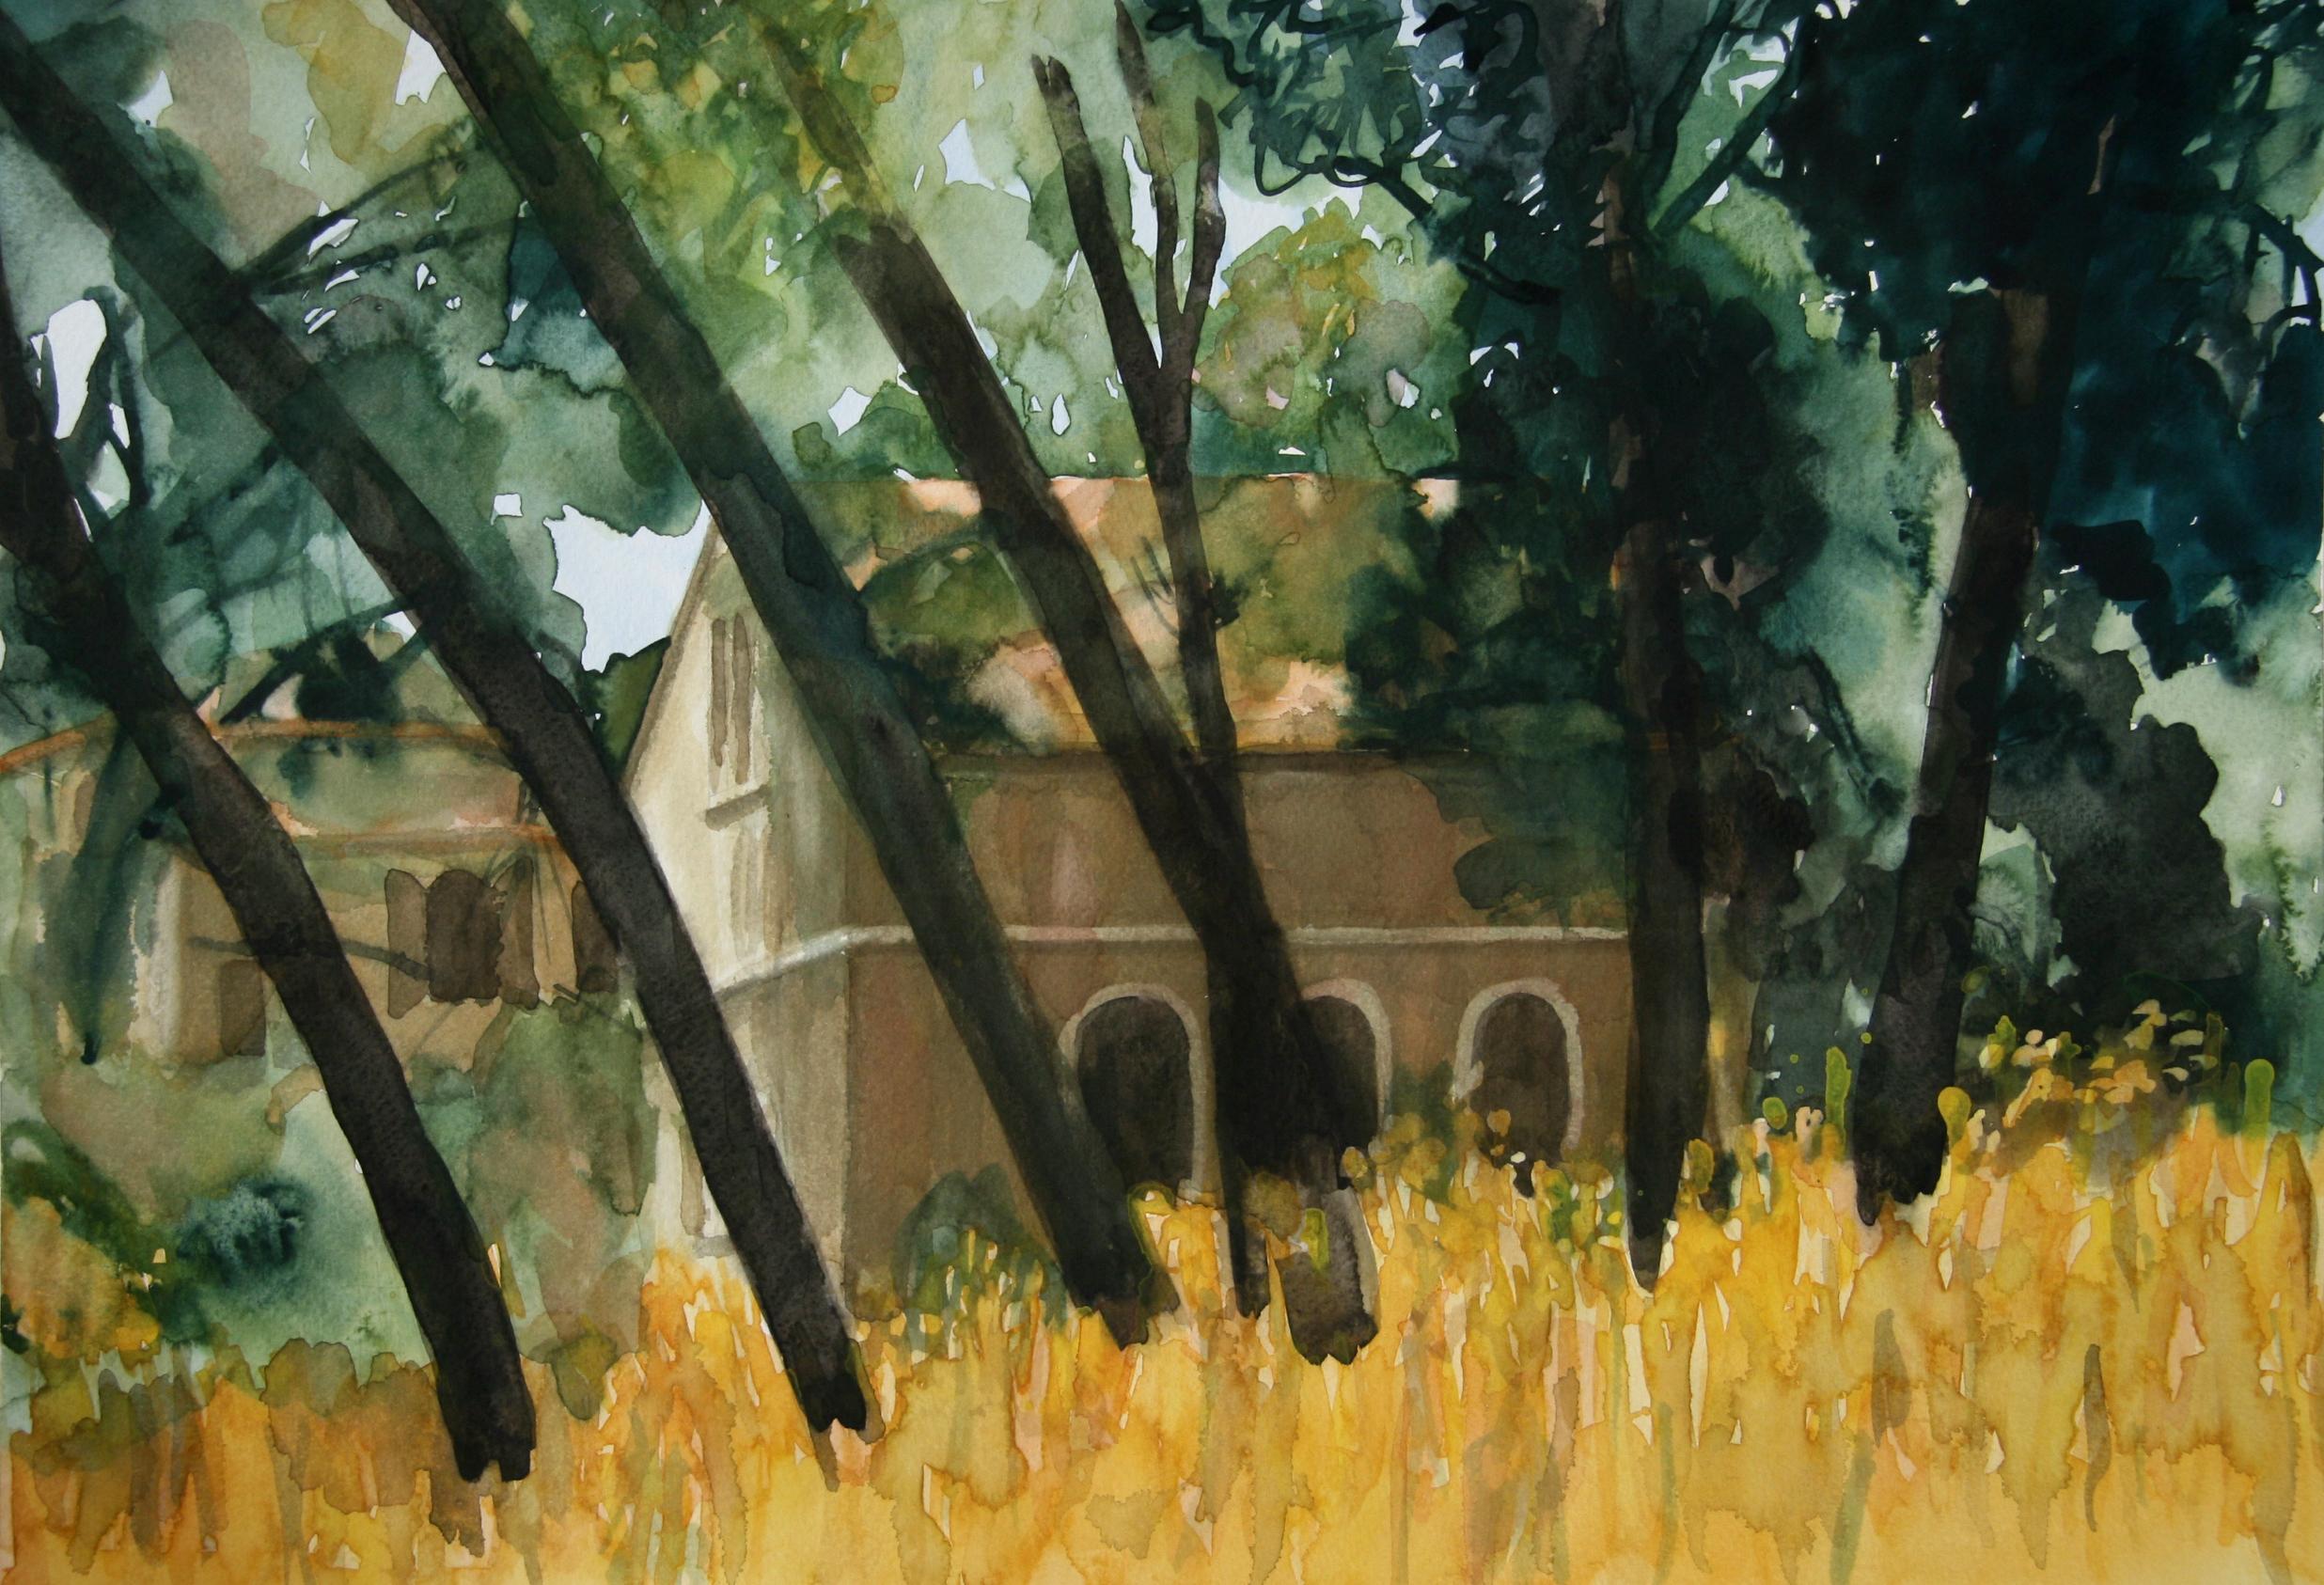 old-house-in-moon-forest-ellen-de-bois-ucla